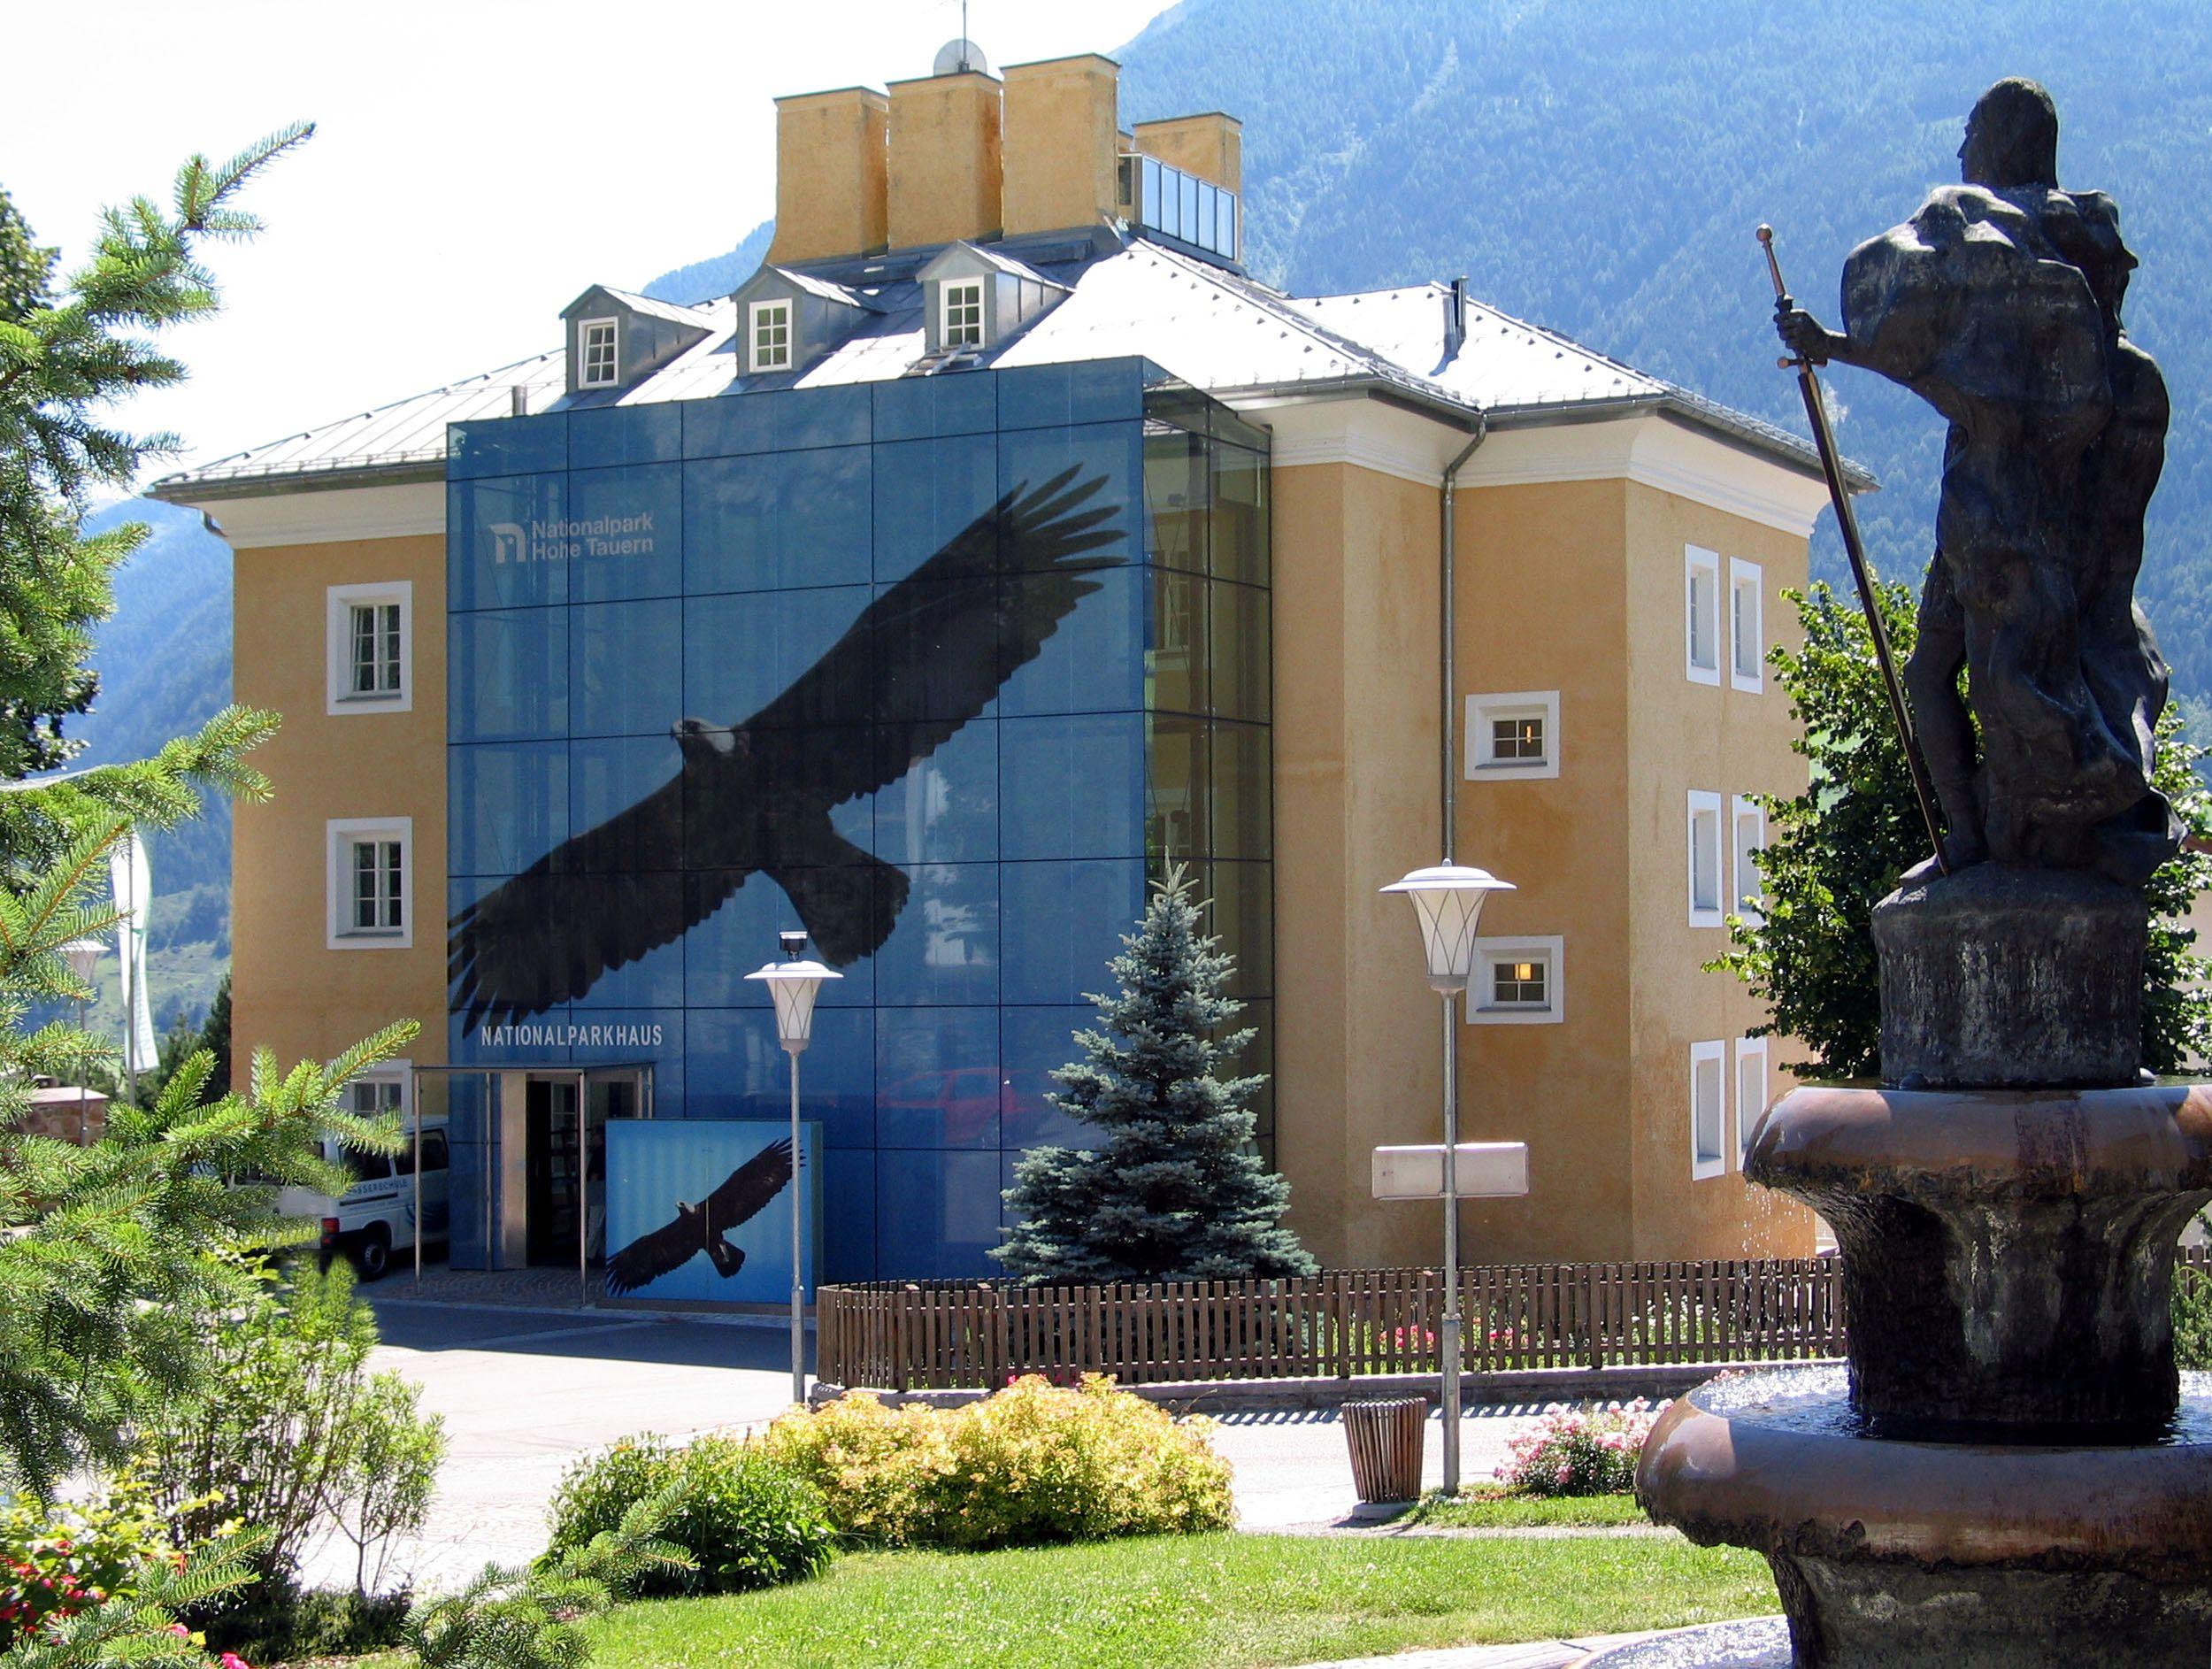 Nationalparkhaus in Matrei (c) NPHT/Gruber